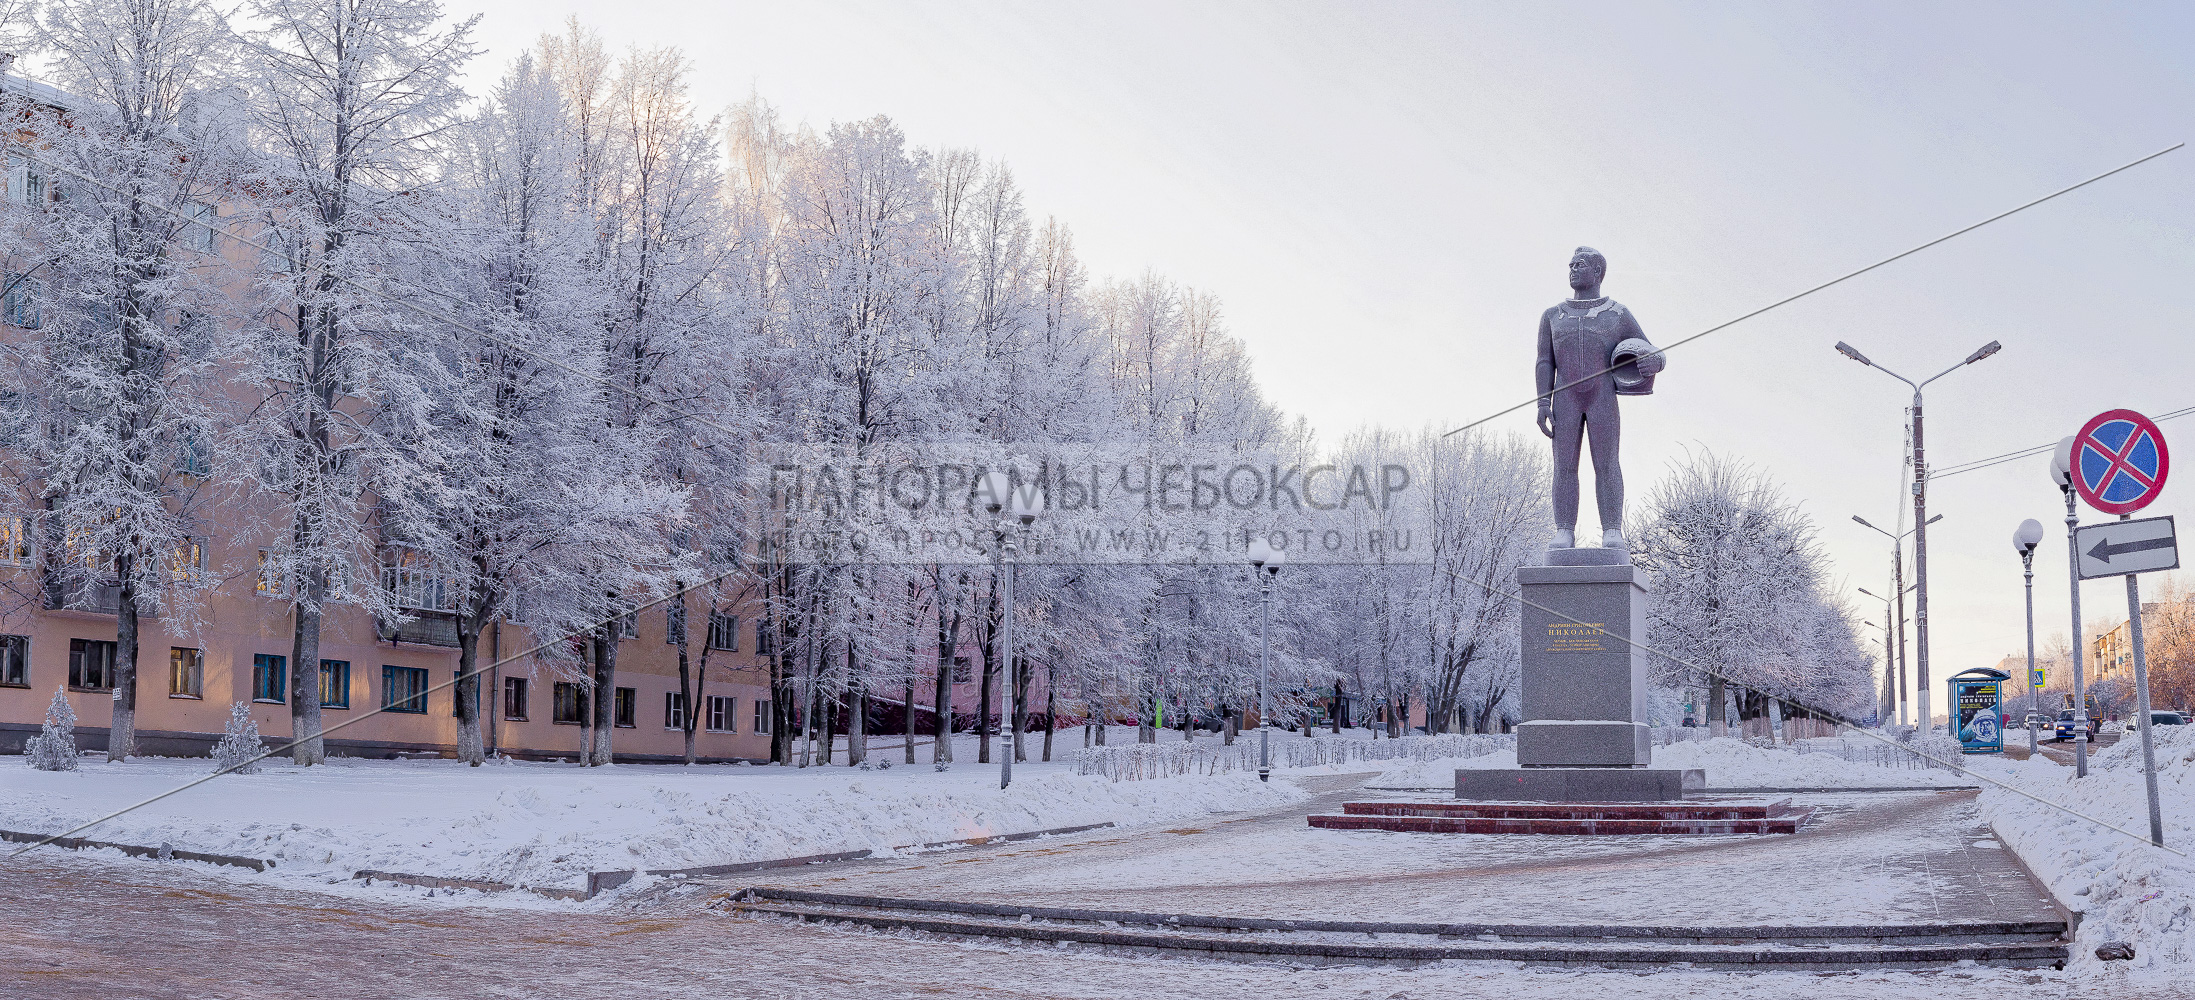 Памятник Космонавту Николаеву 2012